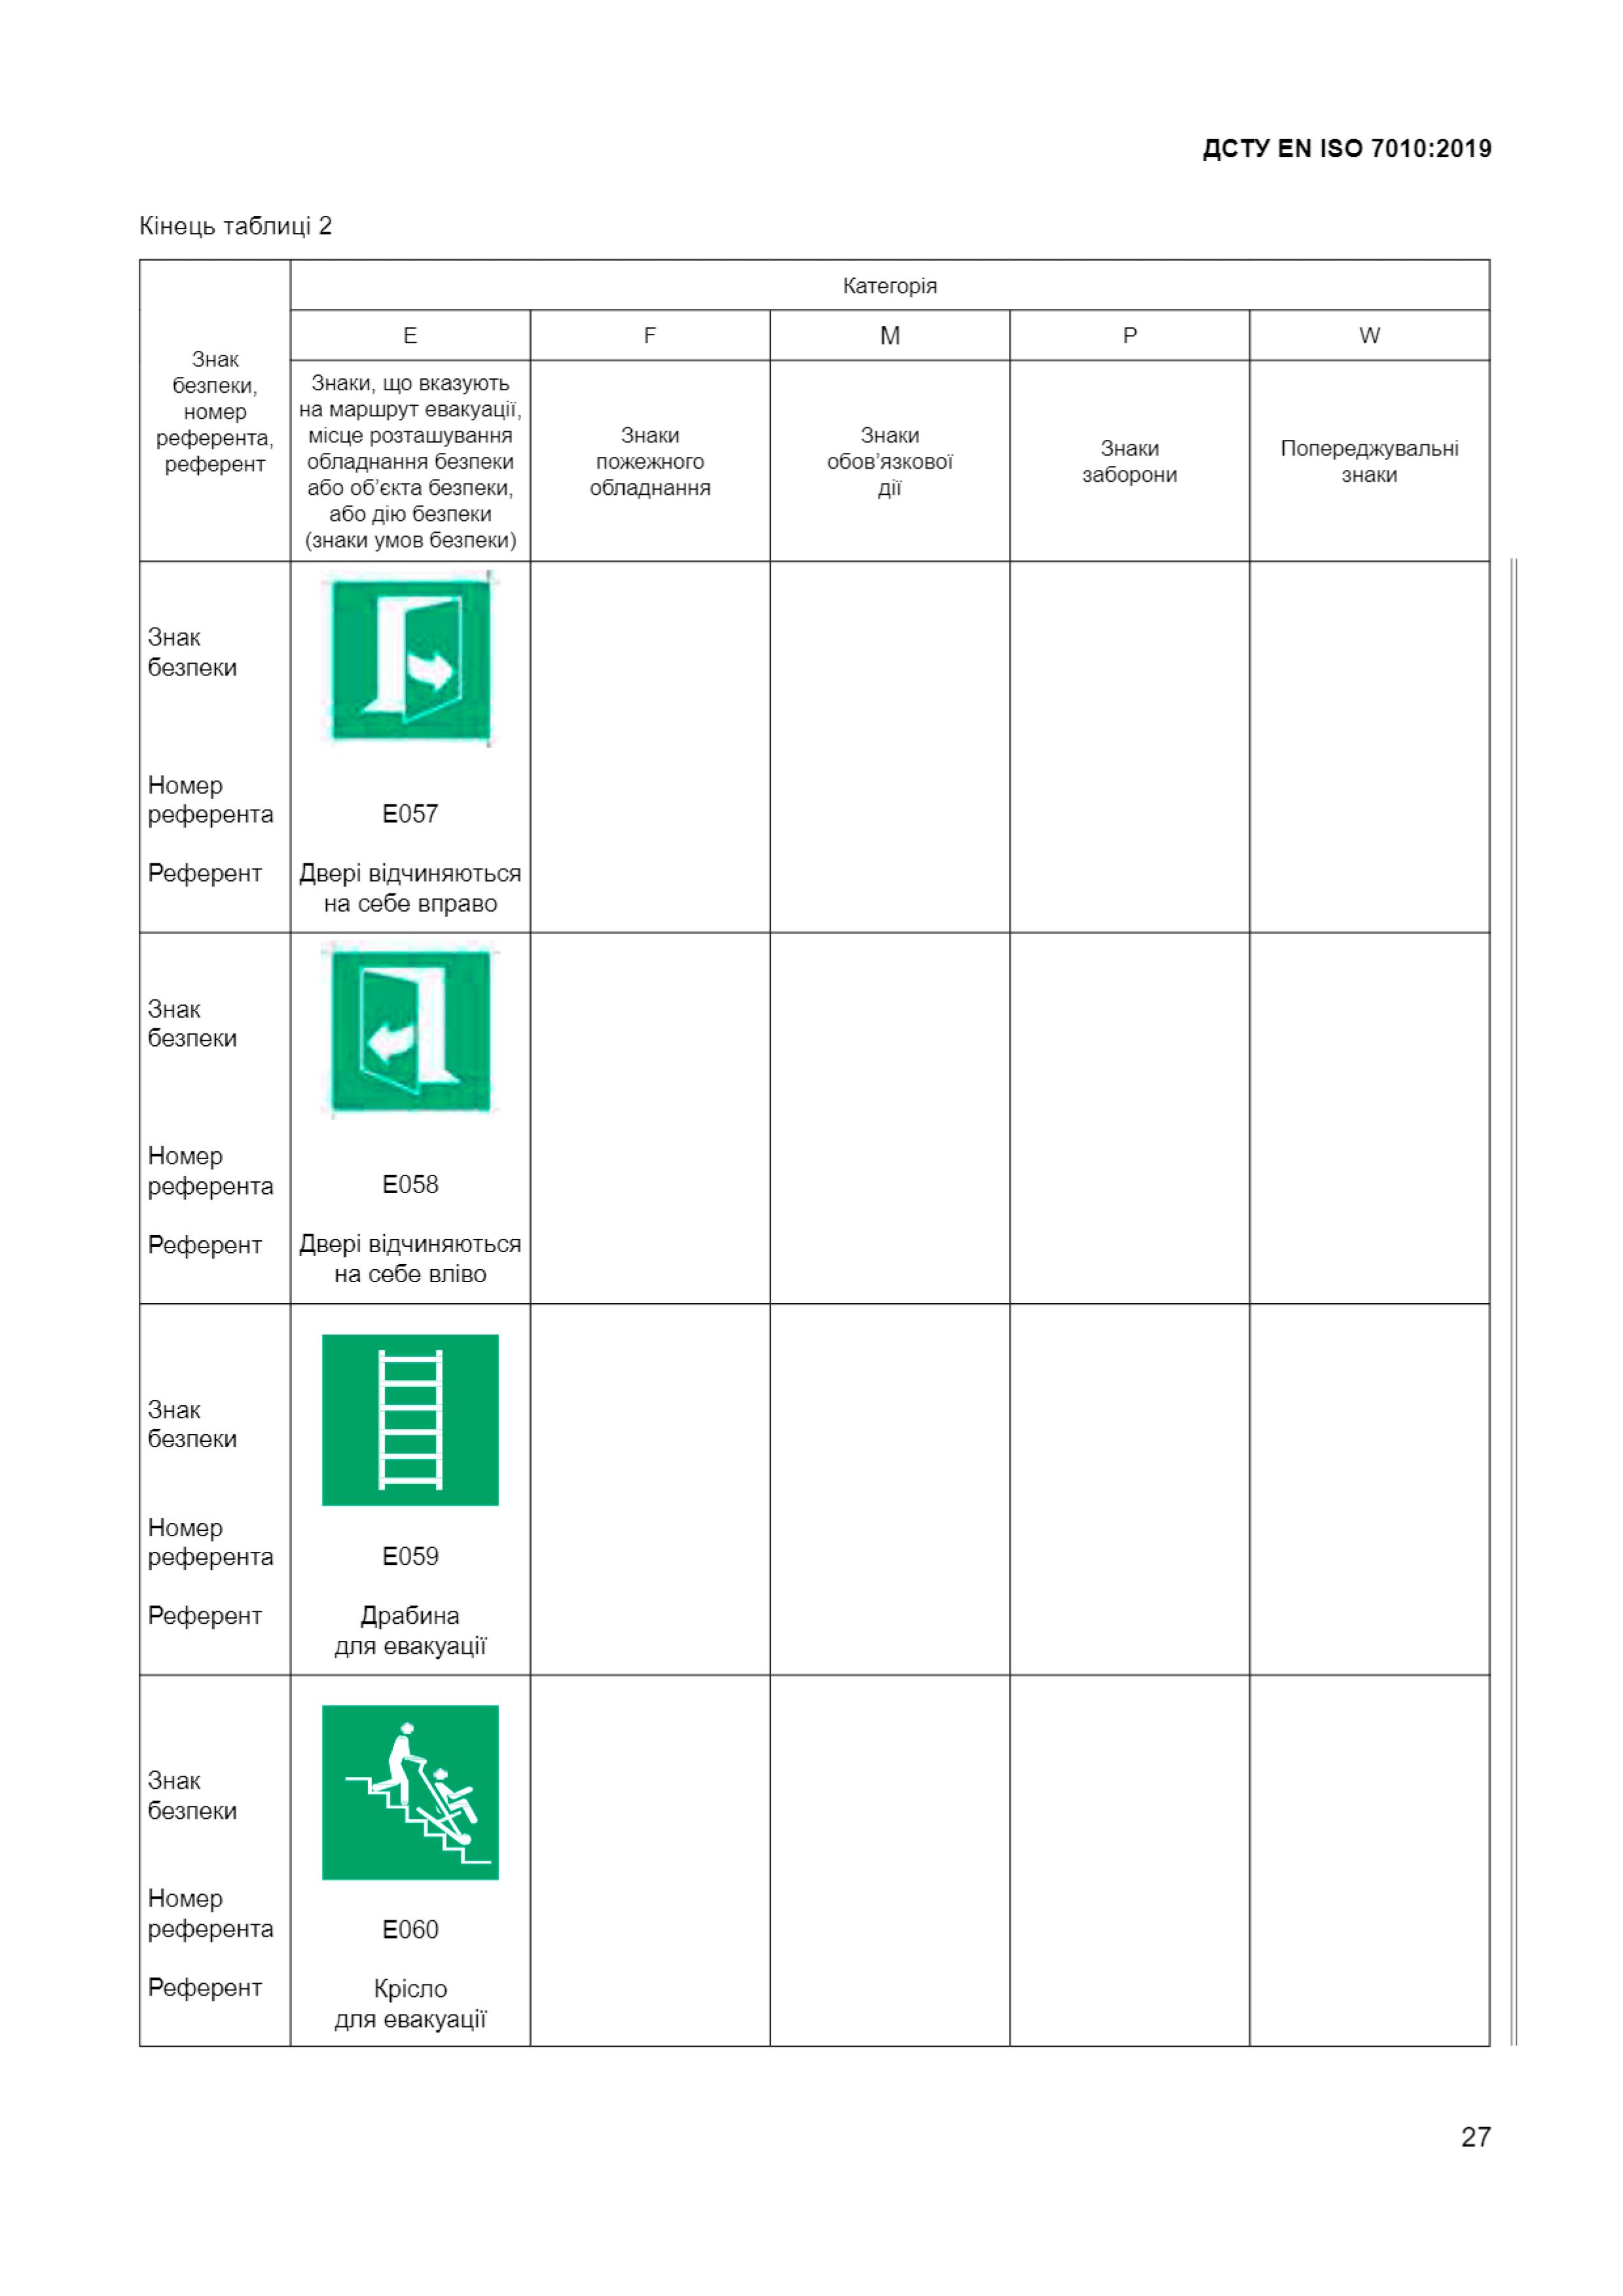 Звід-усіх-знакків-безпеки-19-ДСТУ-ЕN-ІSО-7010-2019-Техноспектр-Сервіс